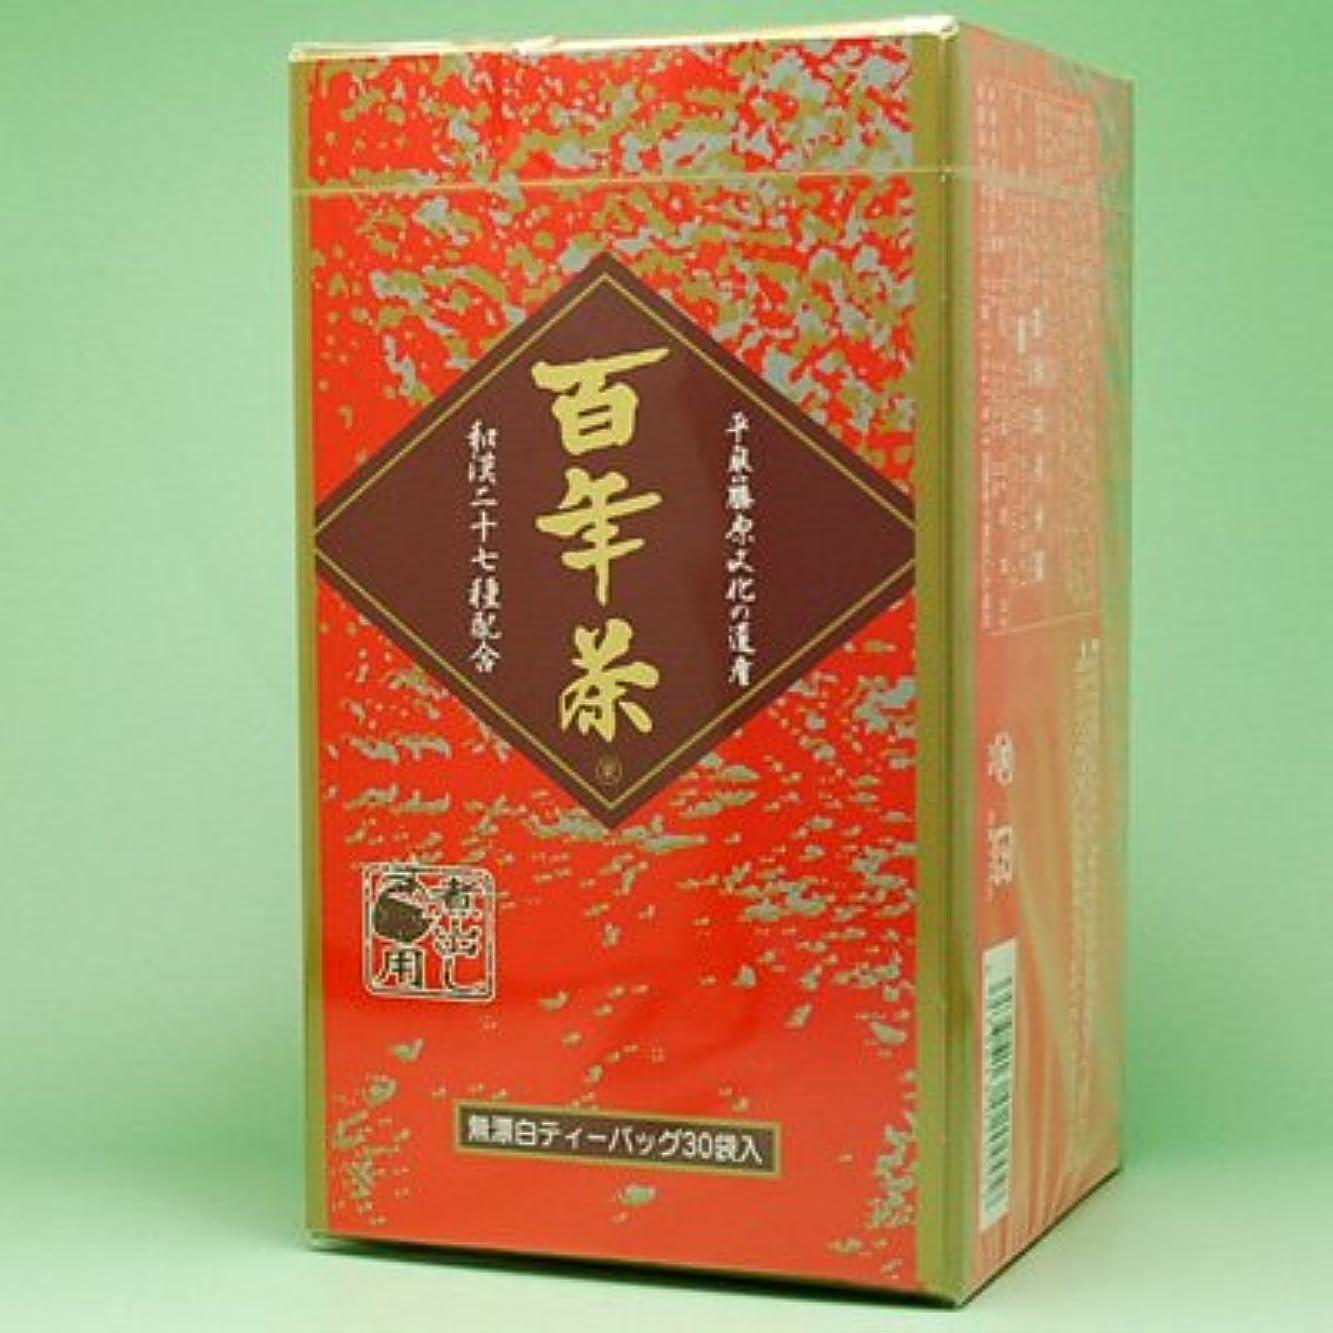 ハチ前奏曲チューインガム精茶百年 蕃柘榴配合 30袋 (#122200) ×6個セット